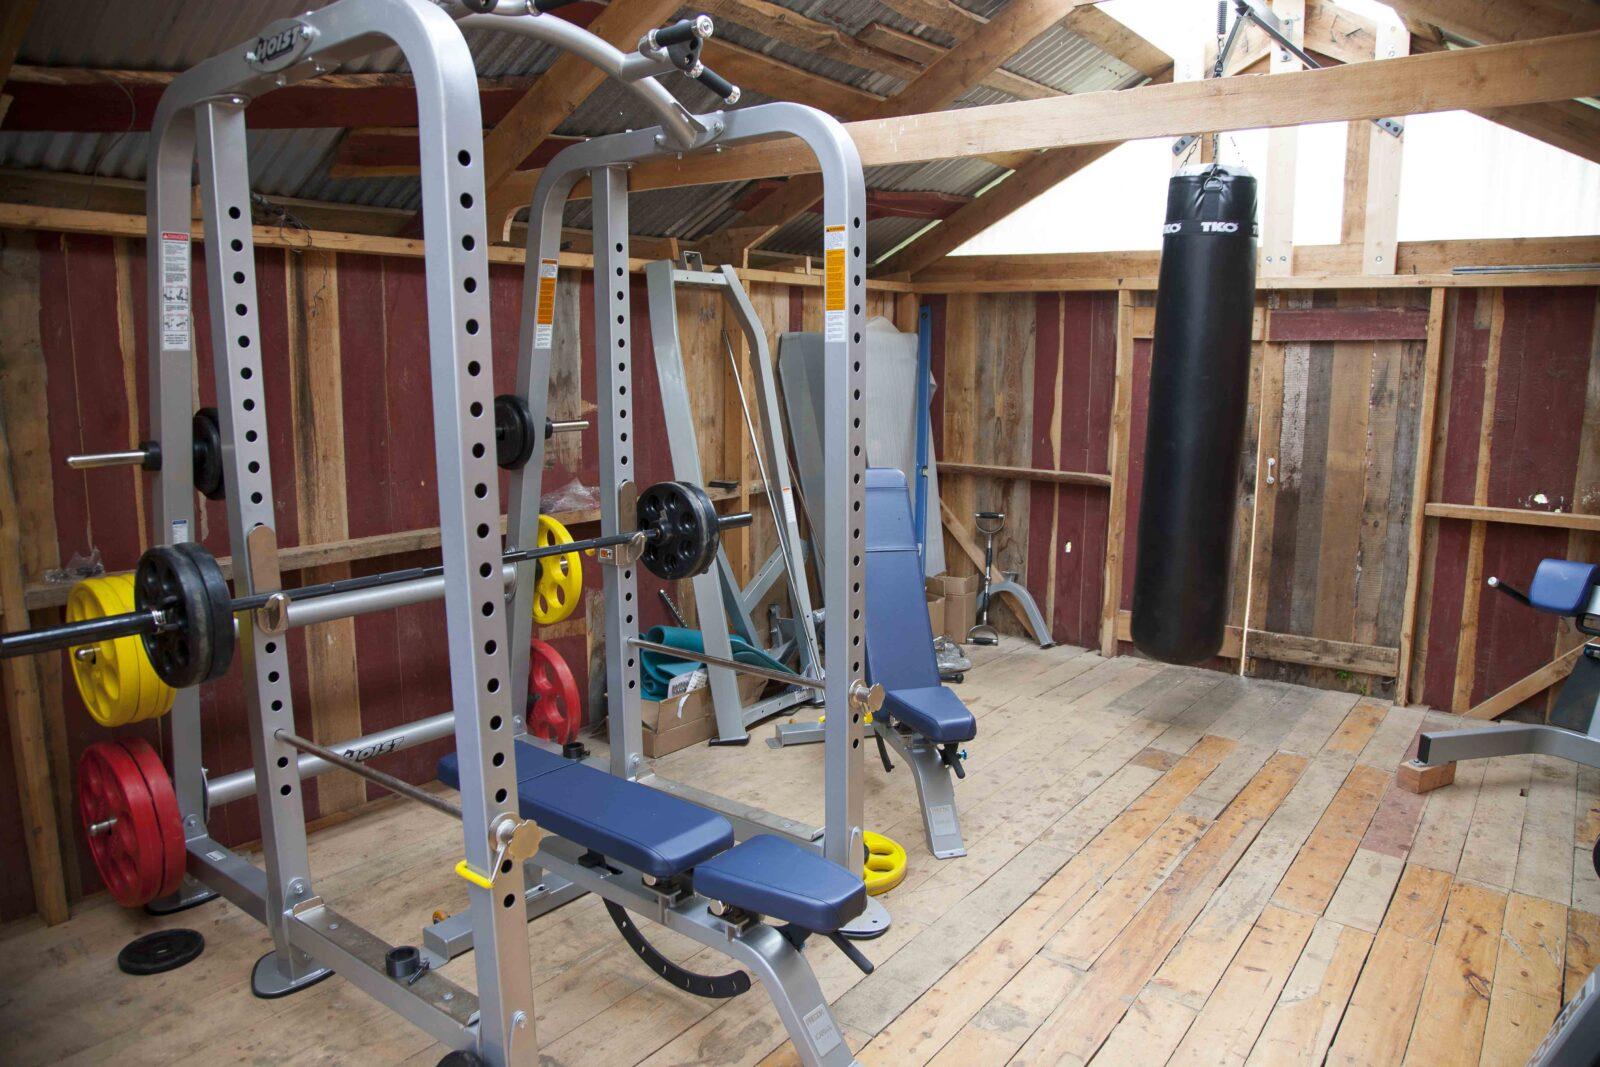 The new gym at Ryabaga